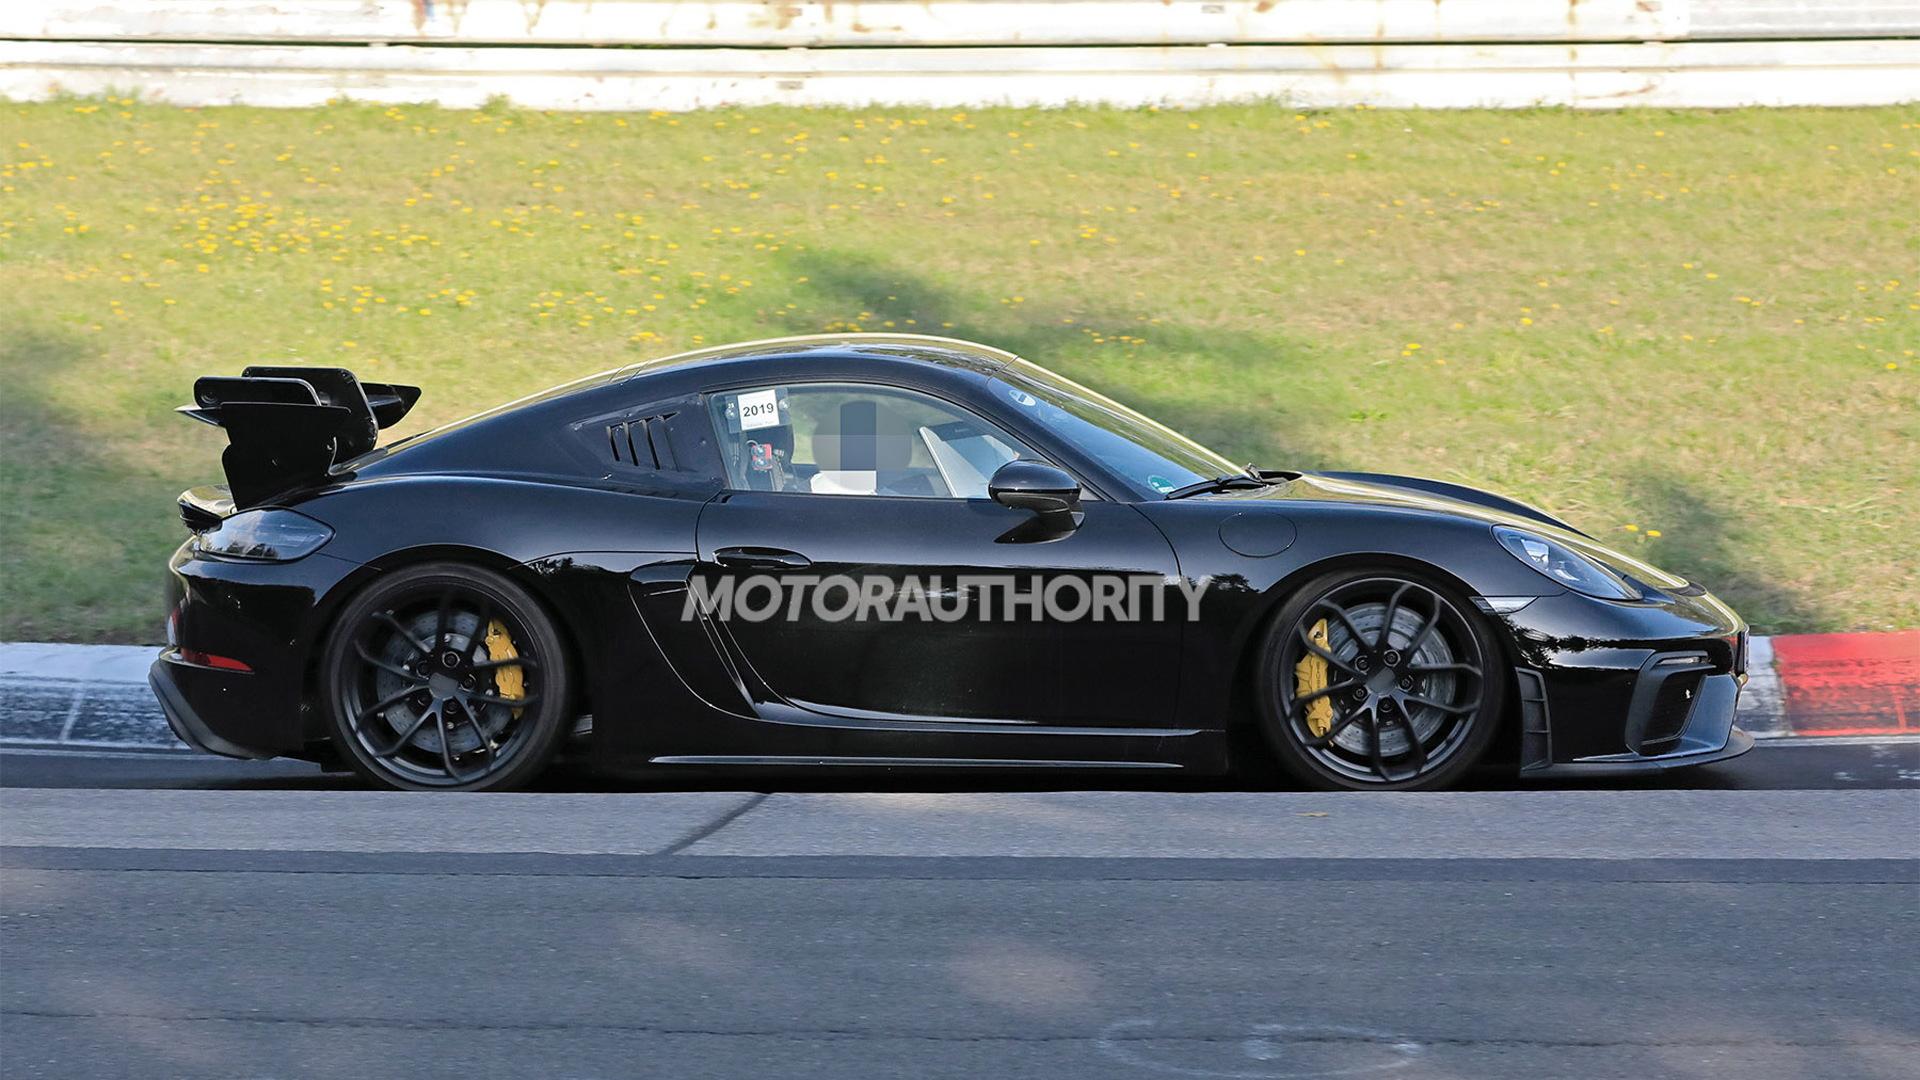 2021 Porsche 718 Cayman GT4 RS spy shots - Photo credit: S. Baldauf/SB-Medien